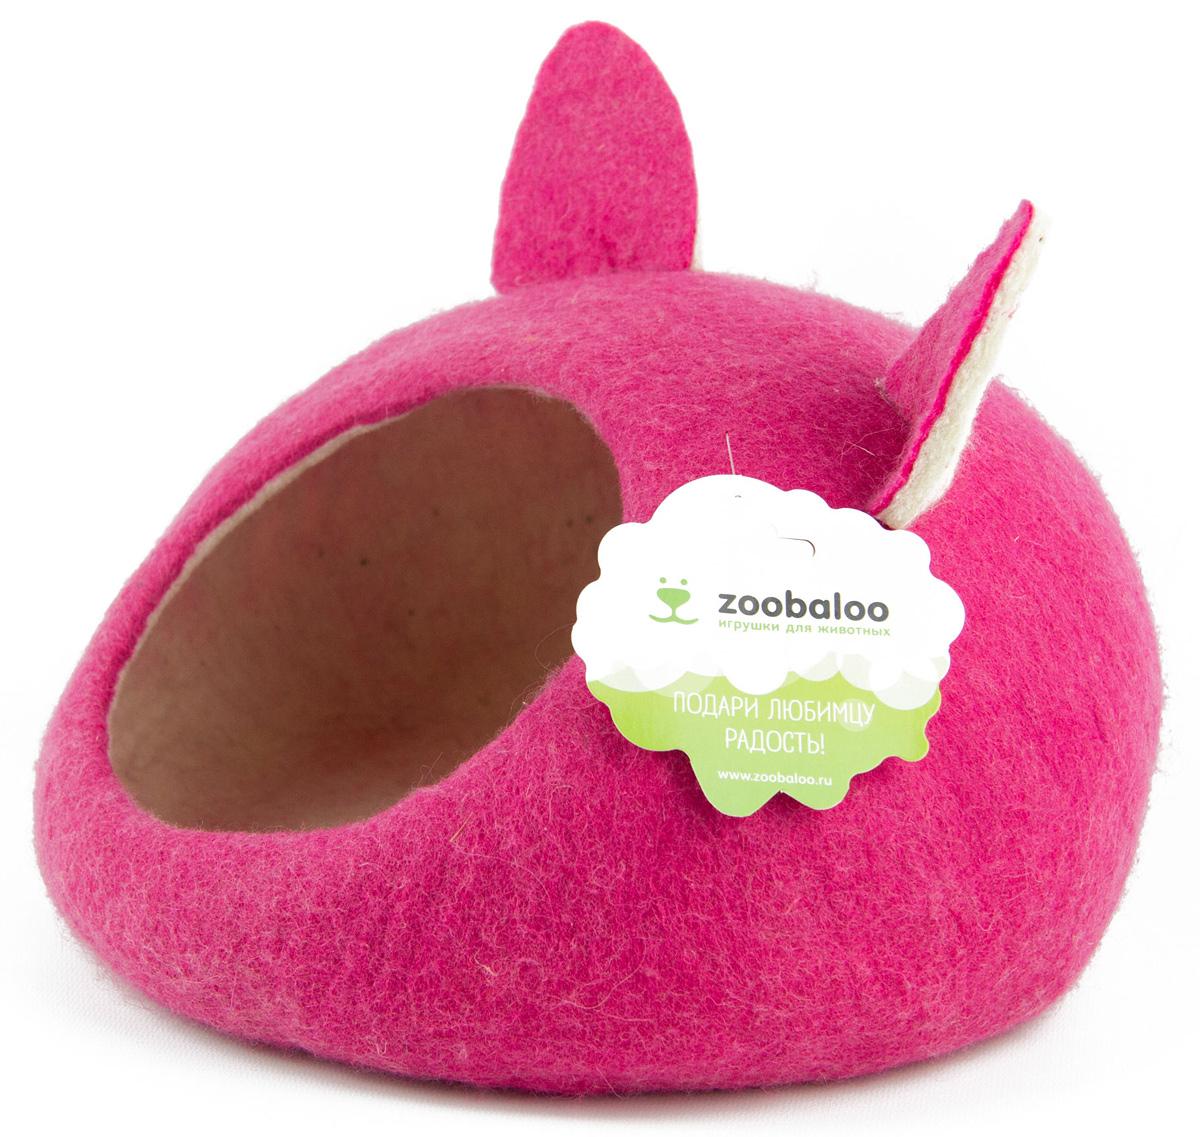 Домик-слипер для животных Zoobaloo WoolPetHouse, с ушками, цвет: малиновый, размер S0120710Домик-слипер Zoobaloo WoolPetHouse предназначен для отдыха и сна питомца. Домик изготовлен из 100% шерсти мериноса. Учтены все особенности животного сна: форма, цвет, материал этого домика - все подобрано как нельзя лучше! В нем ваш любимец будет видеть только цветные сны. Шерсть мериноса обеспечит превосходный микроклимат внутри домика, а его форма позволит питомцу засыпать в самой естественной позе.